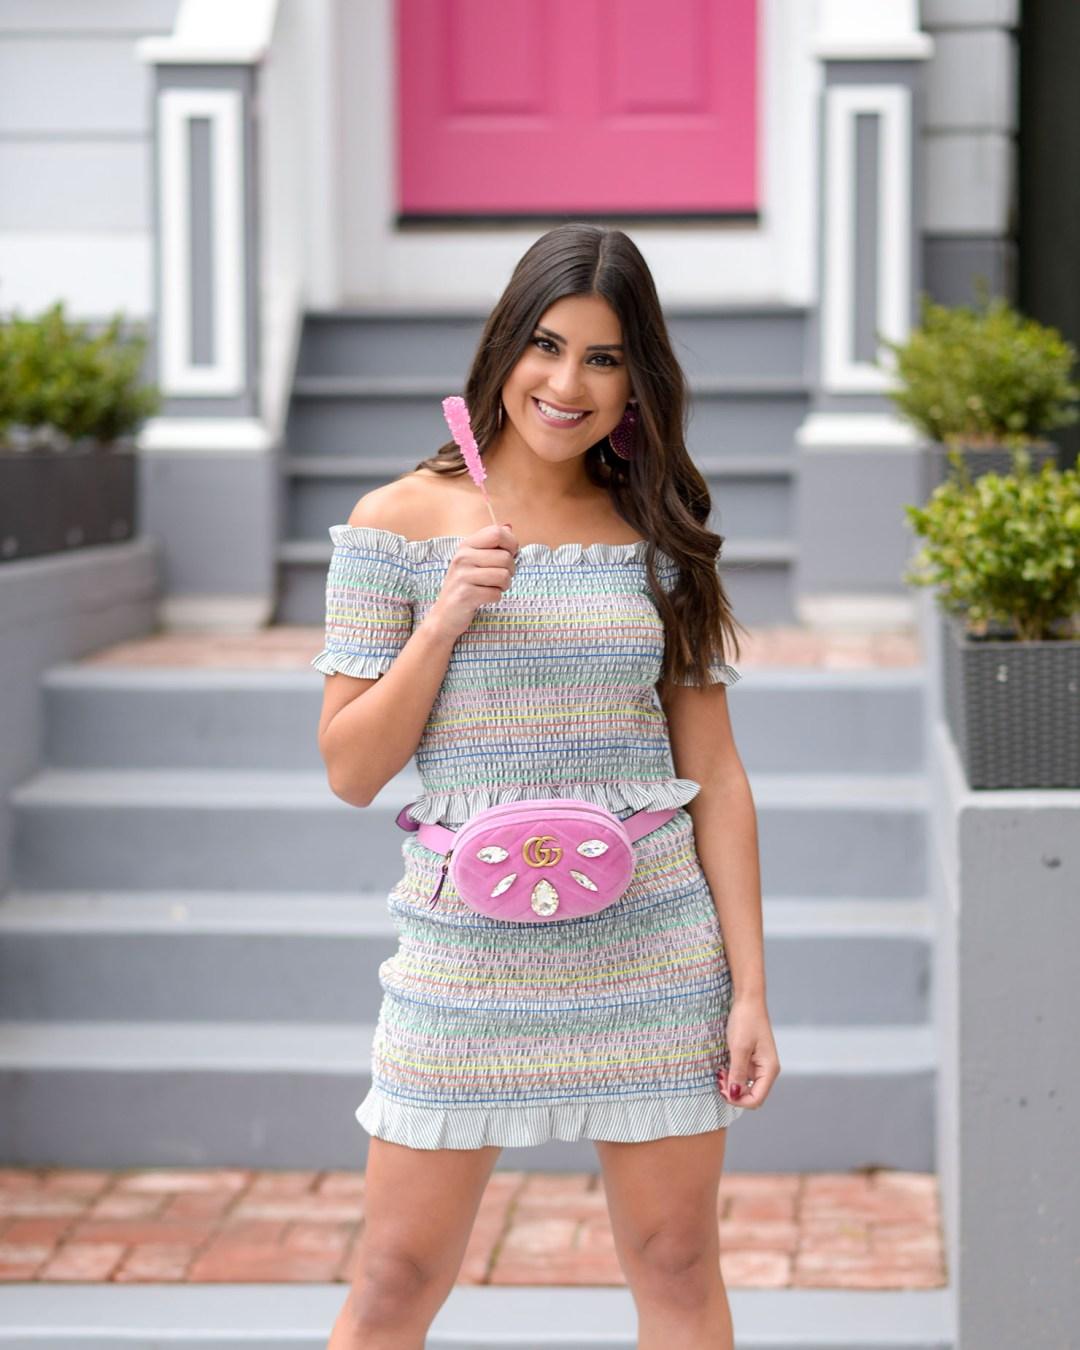 lifestyle blogger Kelsey Kaplan of Kelsey Kaplan Fashion wearing 90s fashion and gucci belt bag